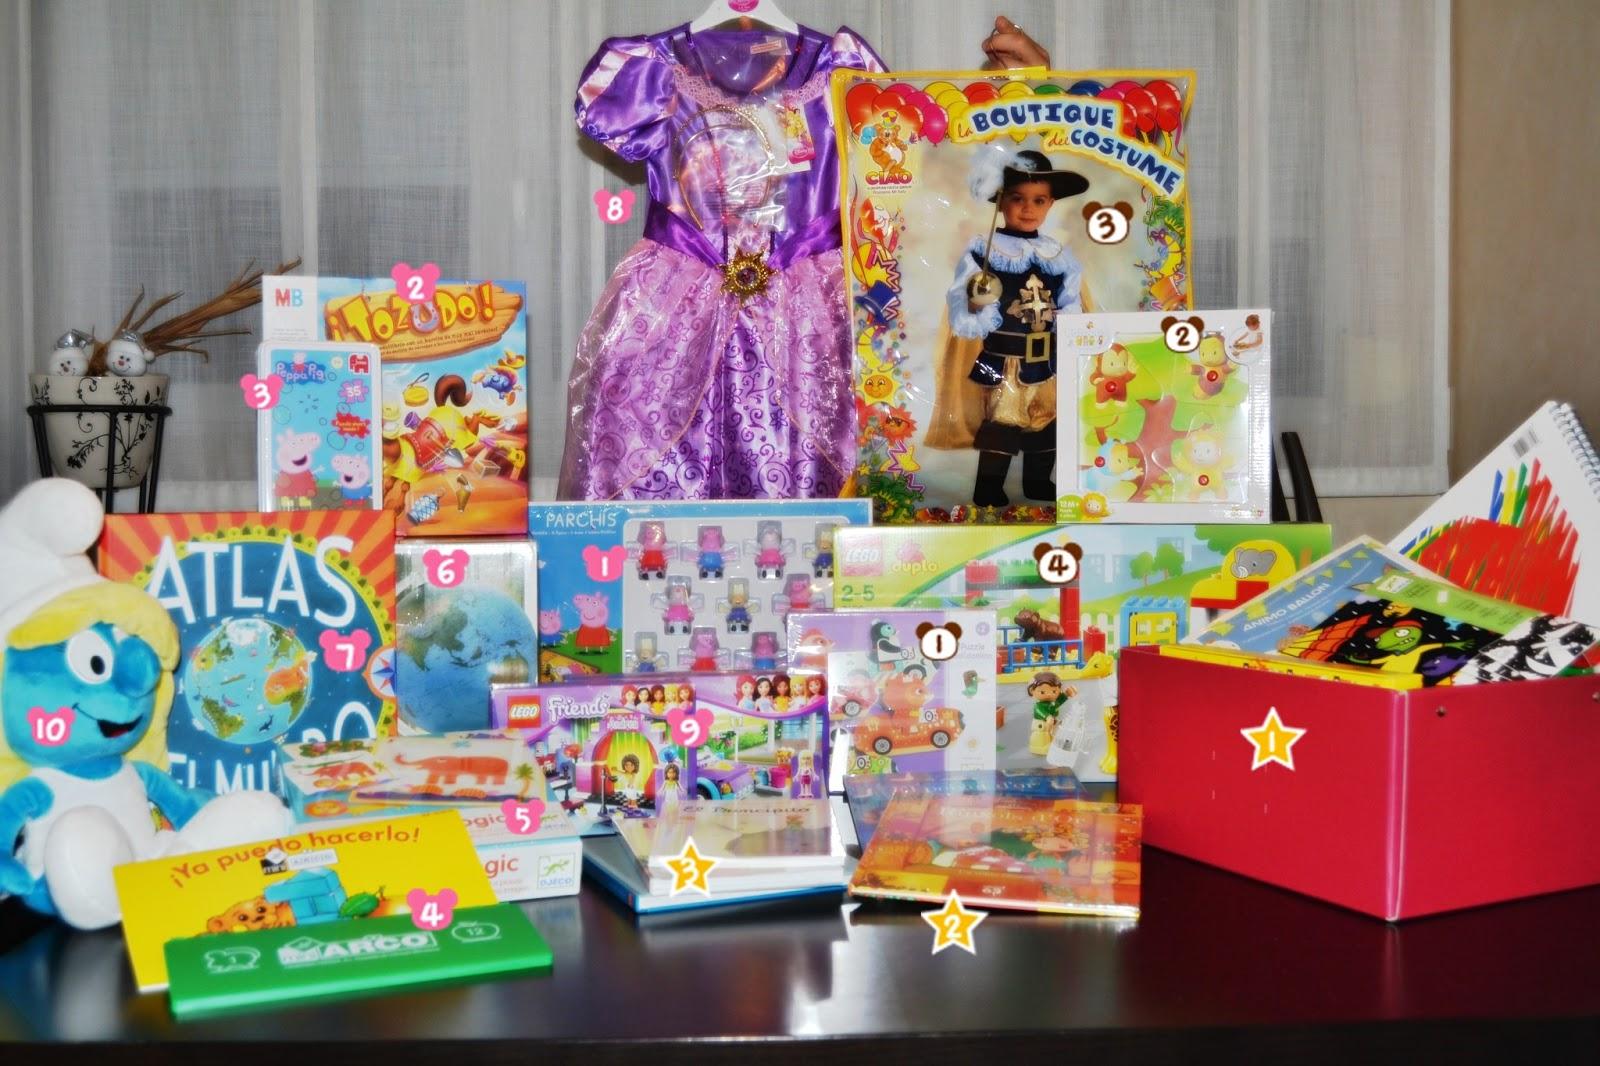 Los regalos de pap noel y los reyes magos el blog de golosi - Que pedir a los reyes magos ...